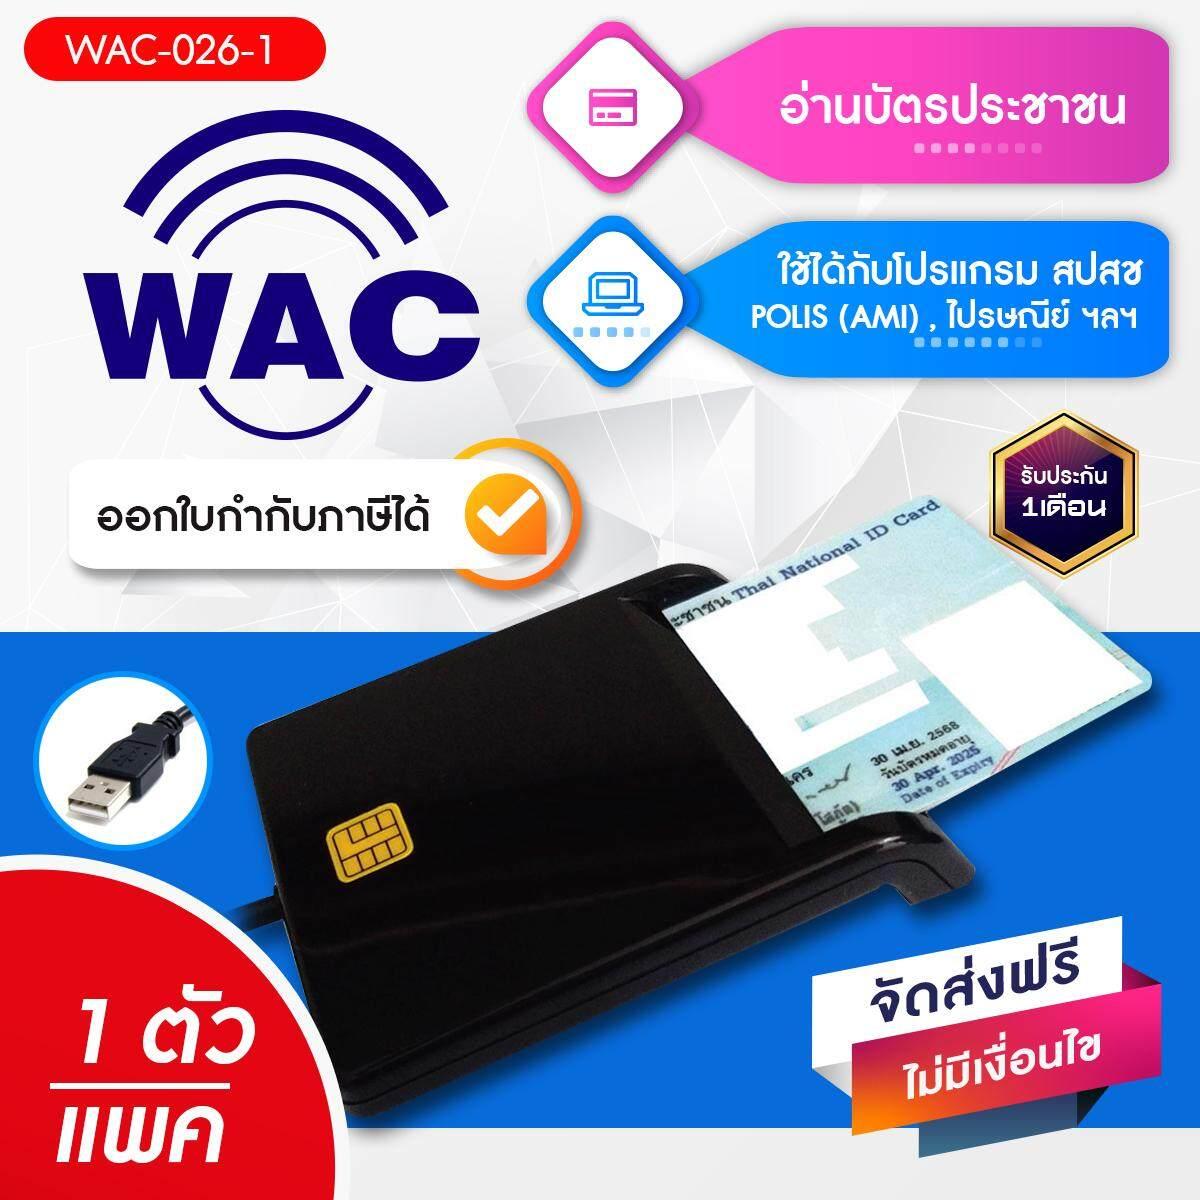 Wac-026-1 (pack1) - อุปกรณ์อ่านบัตรแบบอเนกประสงค์ Smart Card Reader เครื่องอ่านบัตรประชาชนสมาร์ทการ์ด สเปค Ictเสียบบัตรแนวนอน แพค 1 ตัว  (ไม่มีโปรแกรม).